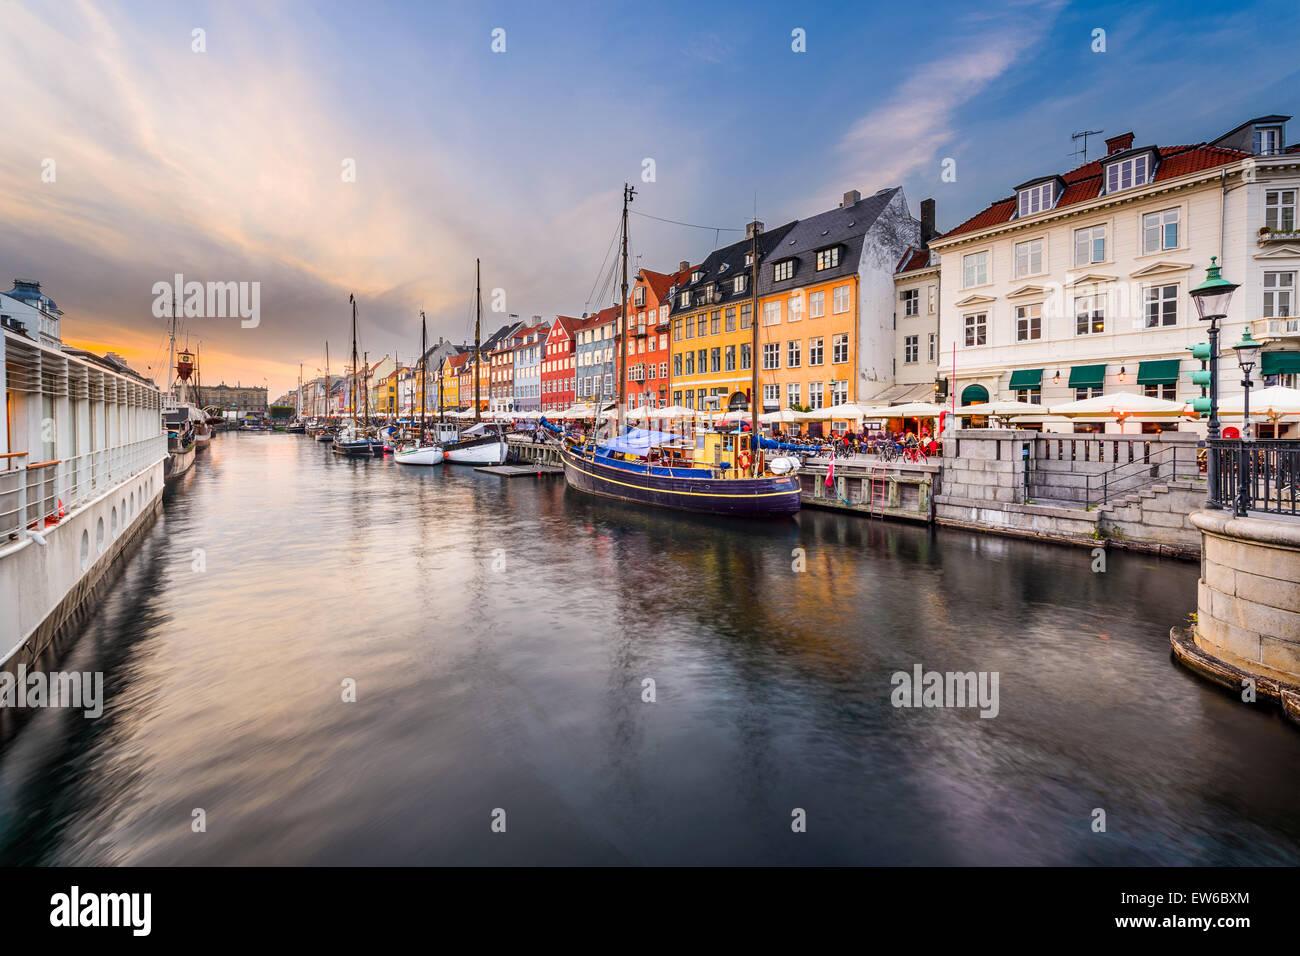 Canal de Nyhavn à Copenhague, Danemark. Photo Stock